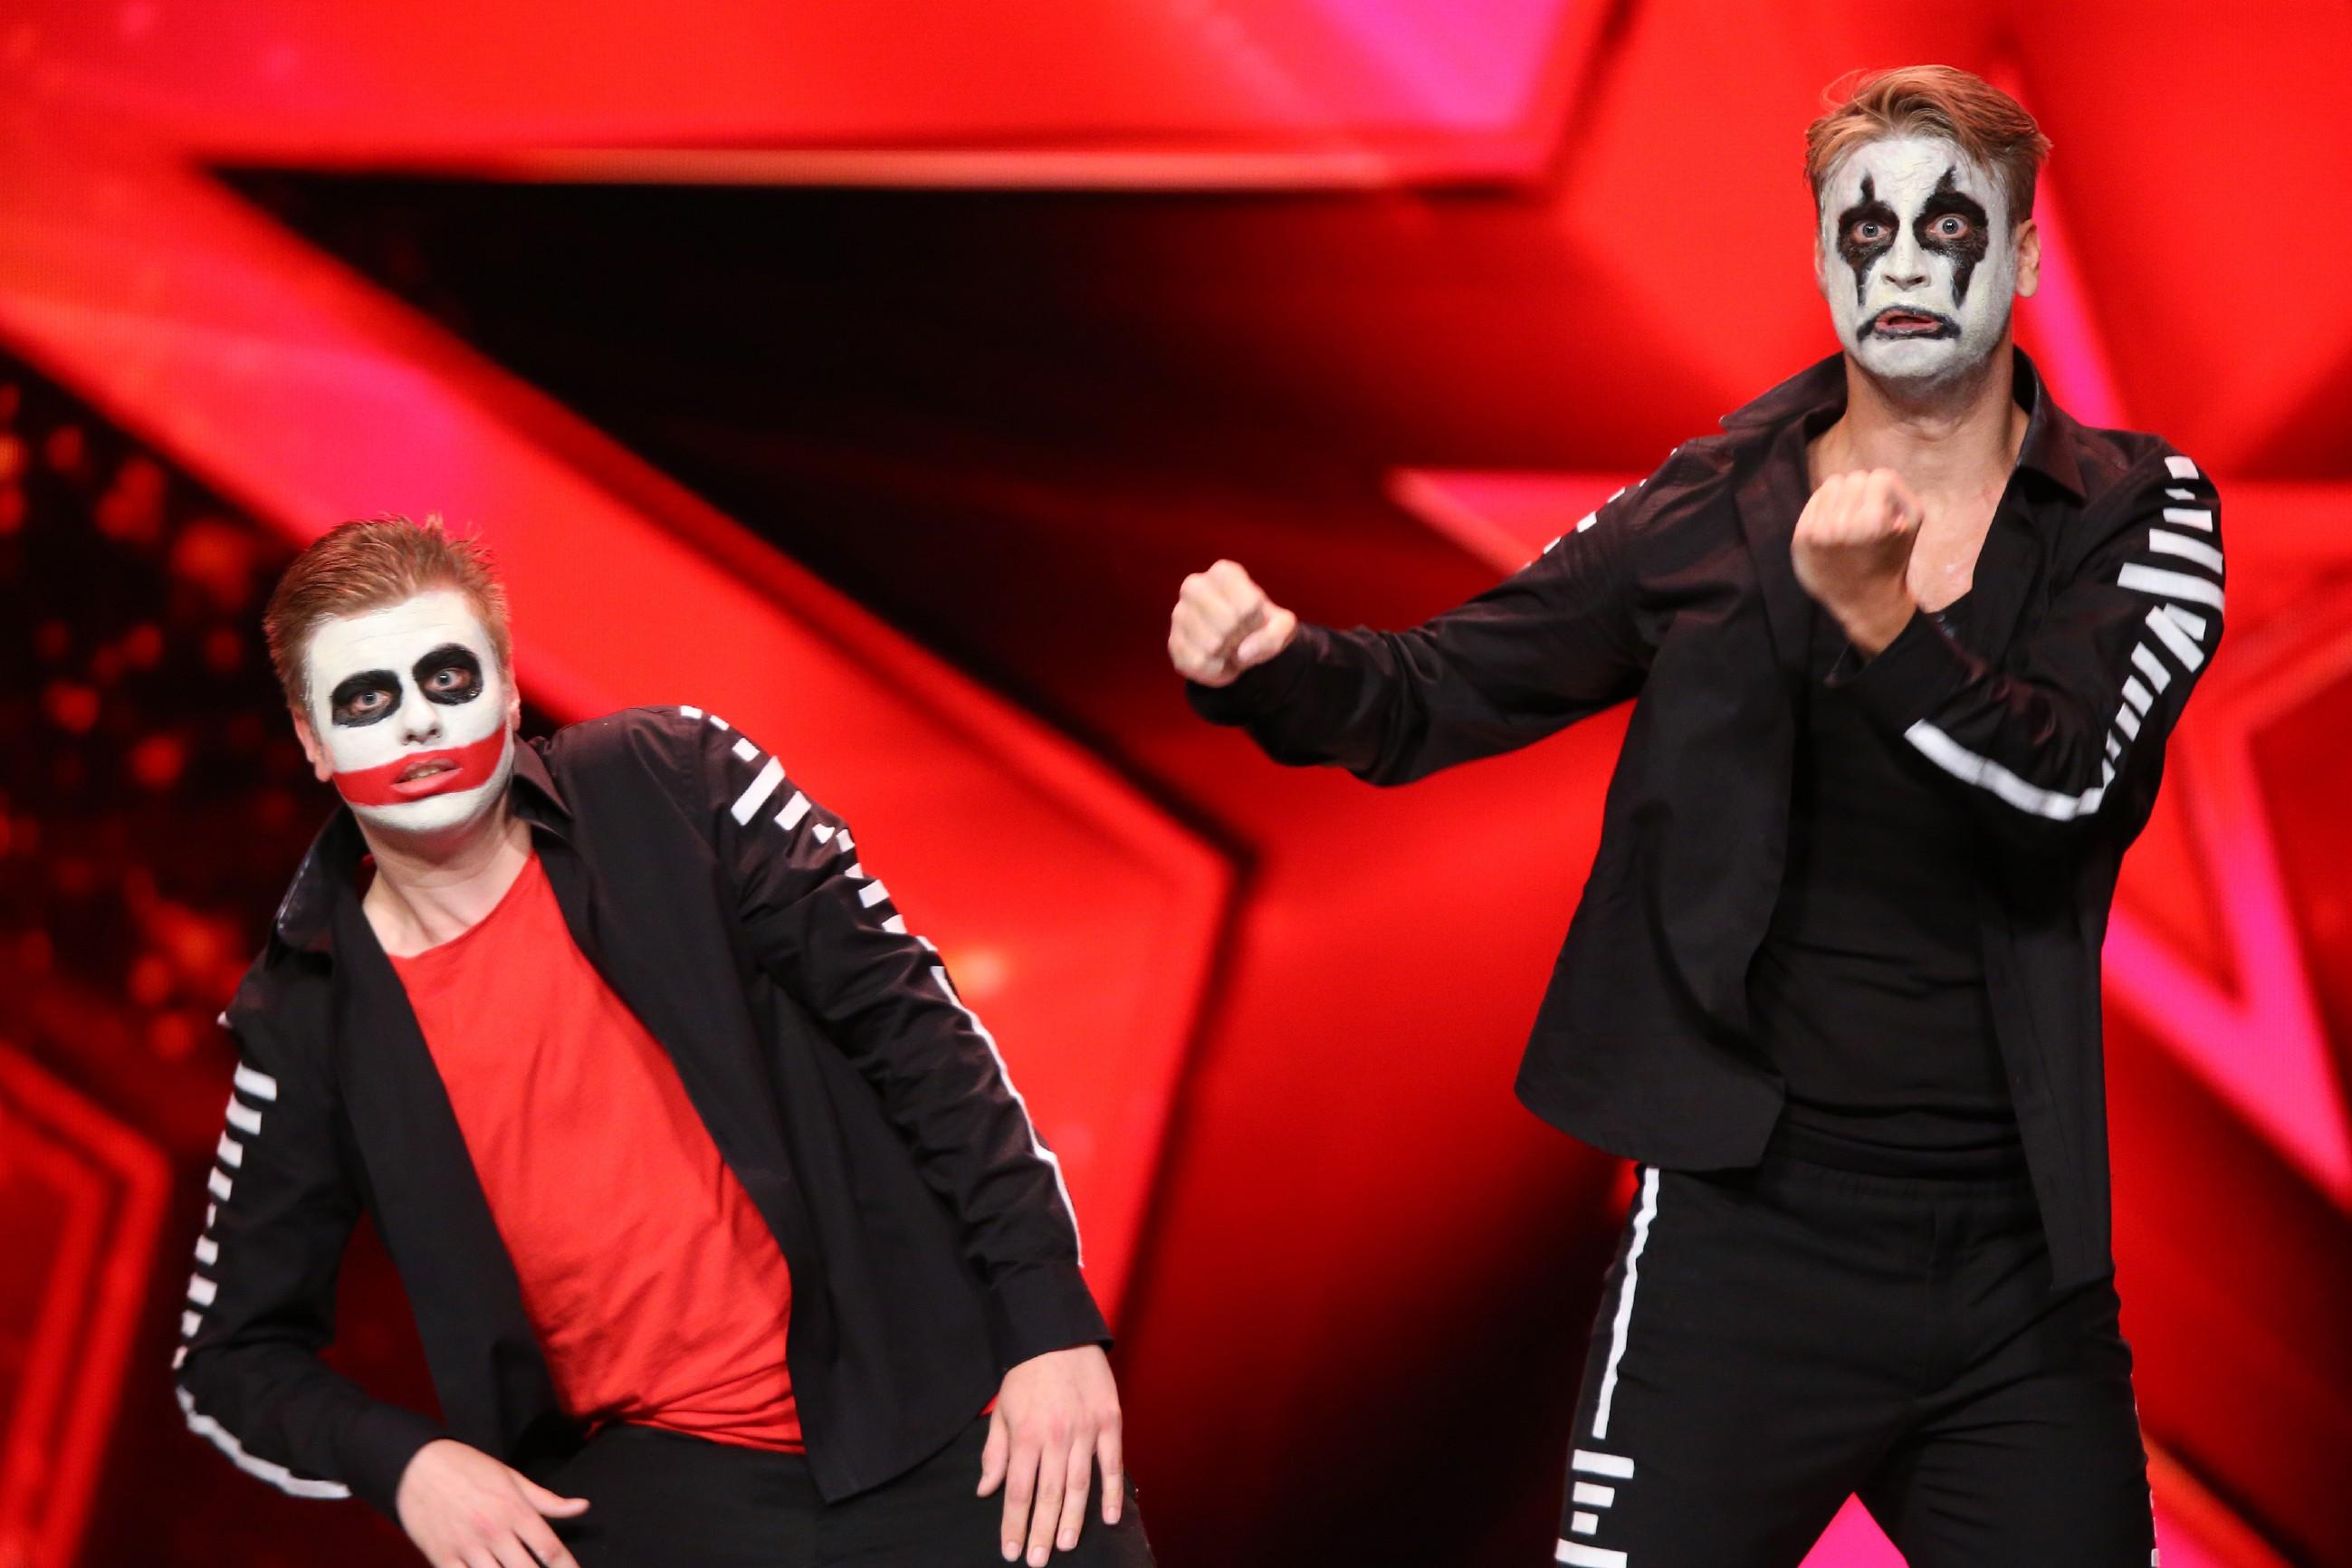 Das Supertalent 2016 - Zdenek Kremlacek und Patrick Ulman